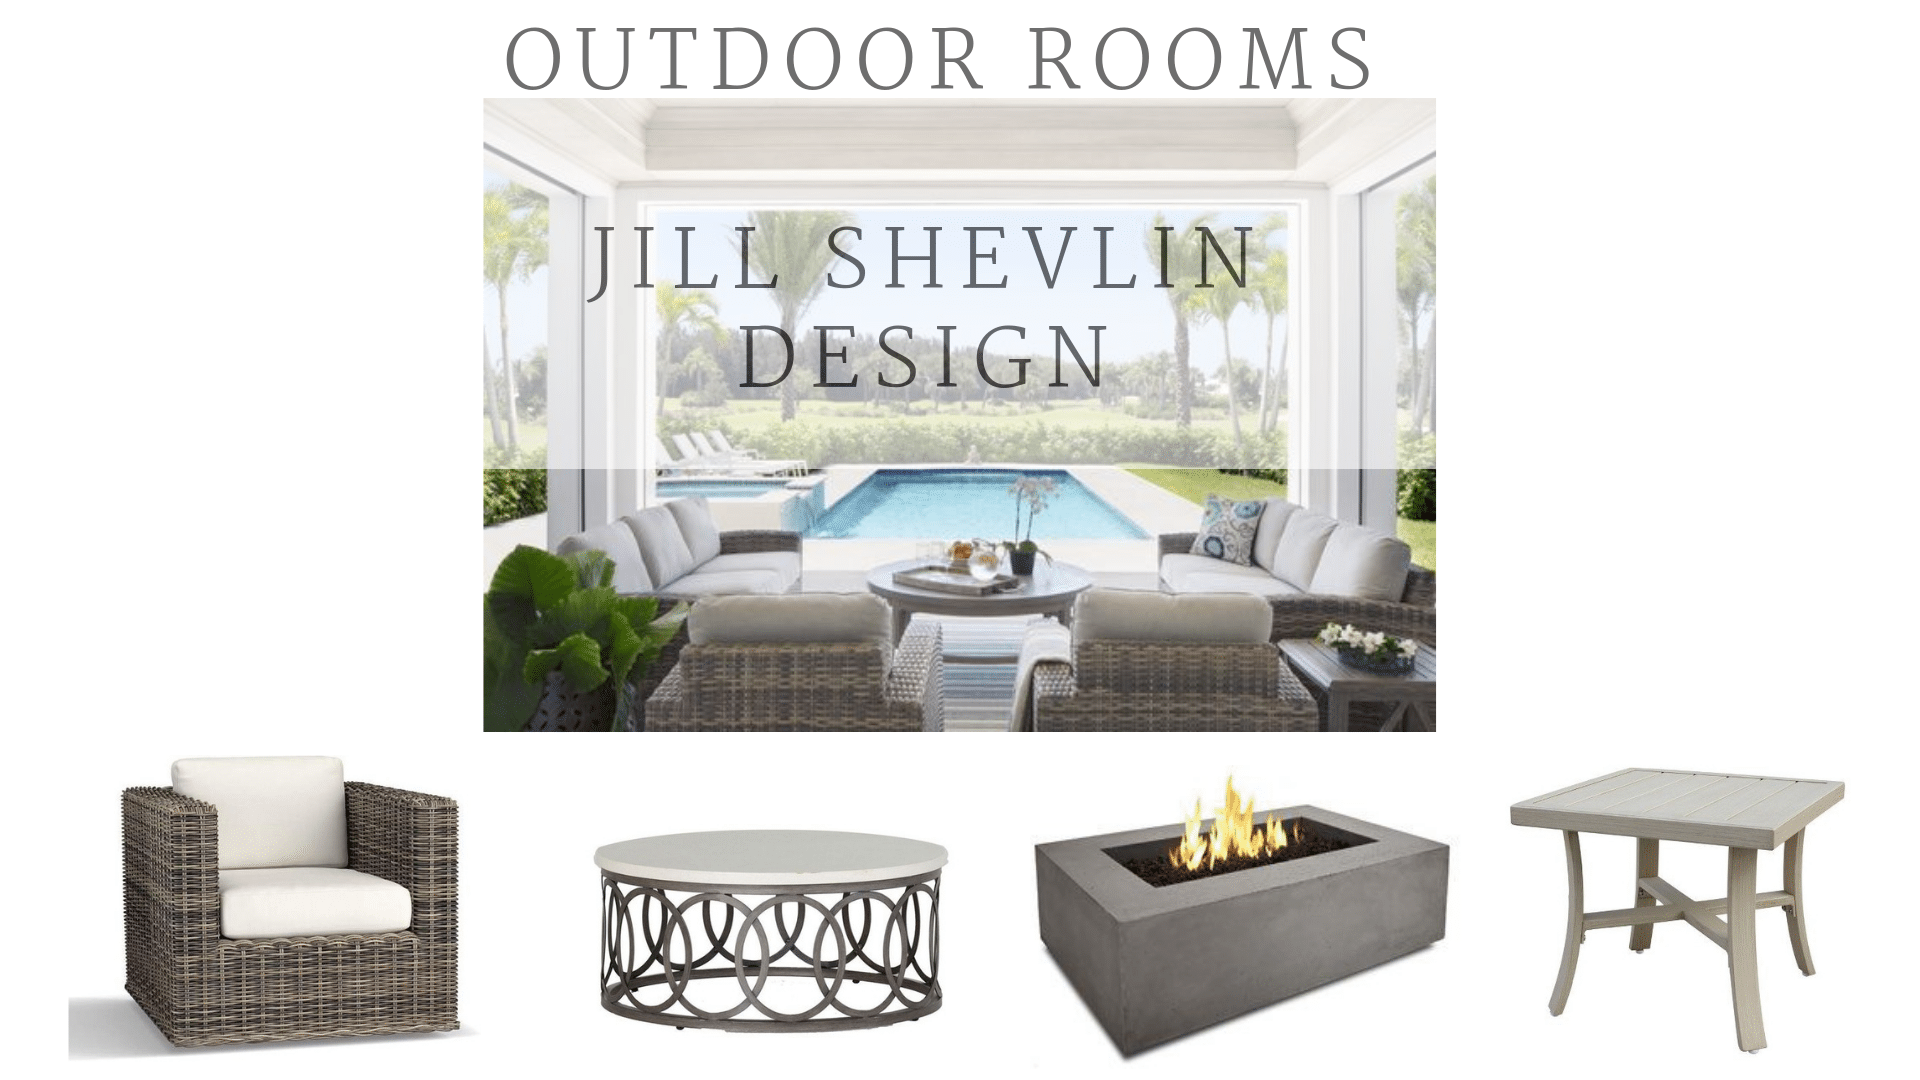 Outdoor Living Room Ideas Jill shevlin Design Vero Beach Interior Designer